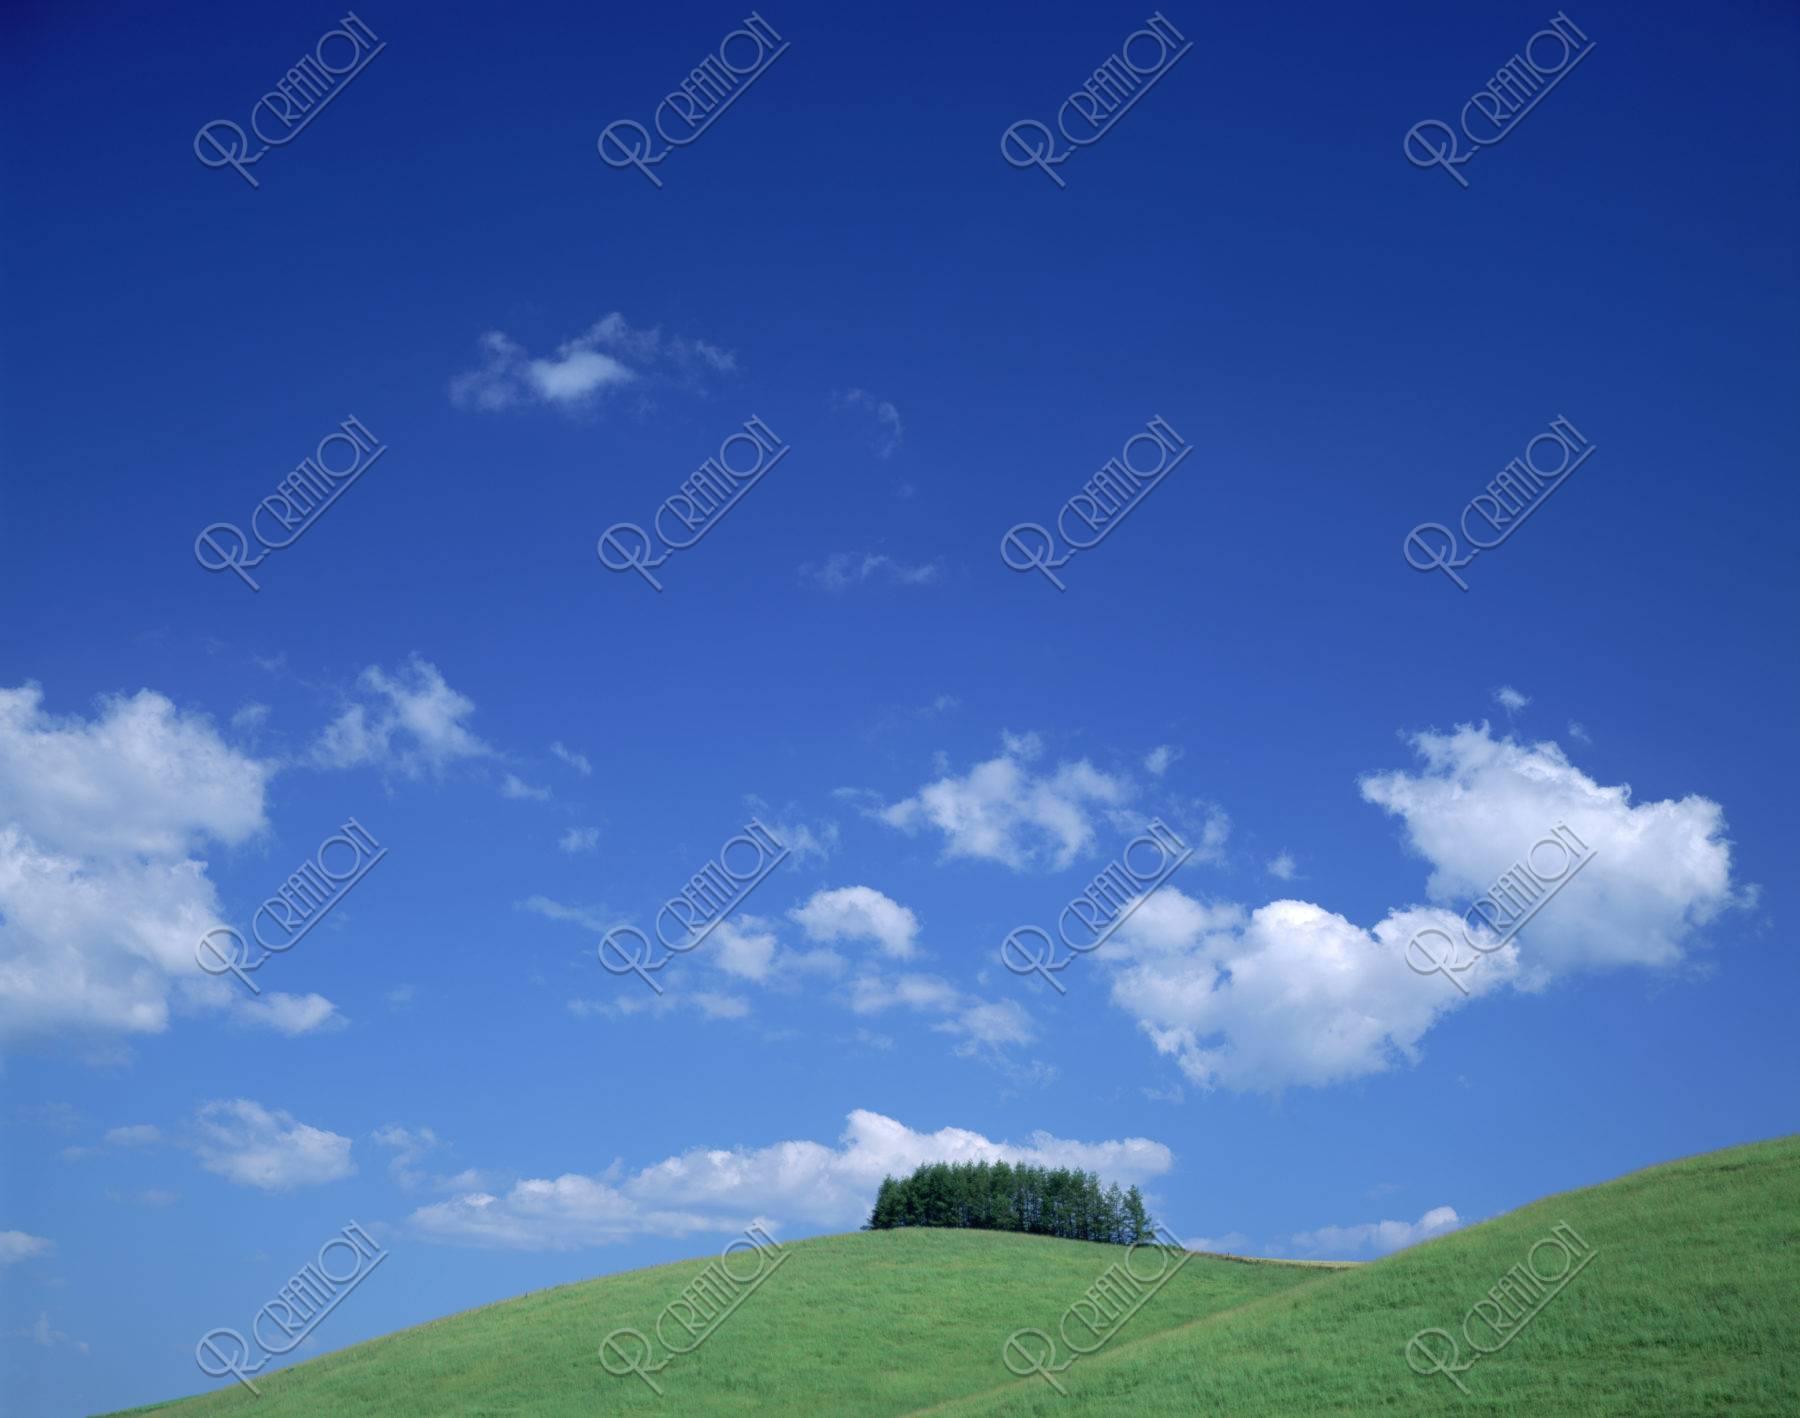 針葉樹林のある丘